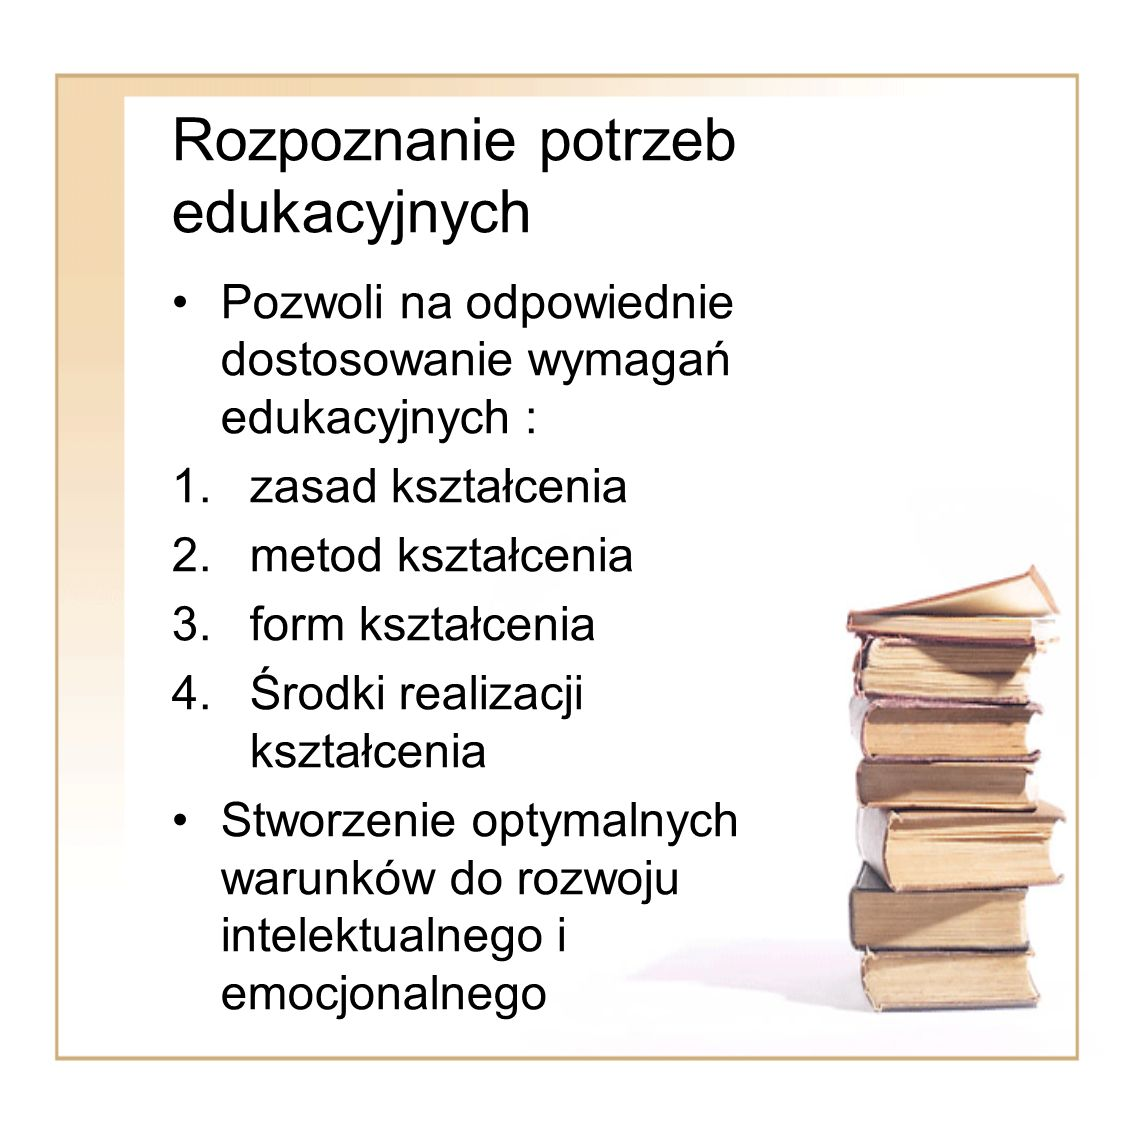 Rozpoznanie potrzeb edukacyjnych Pozwoli na odpowiednie dostosowanie wymagań edukacyjnych : 1.zasad kształcenia 2.metod kształcenia 3.form kształcenia